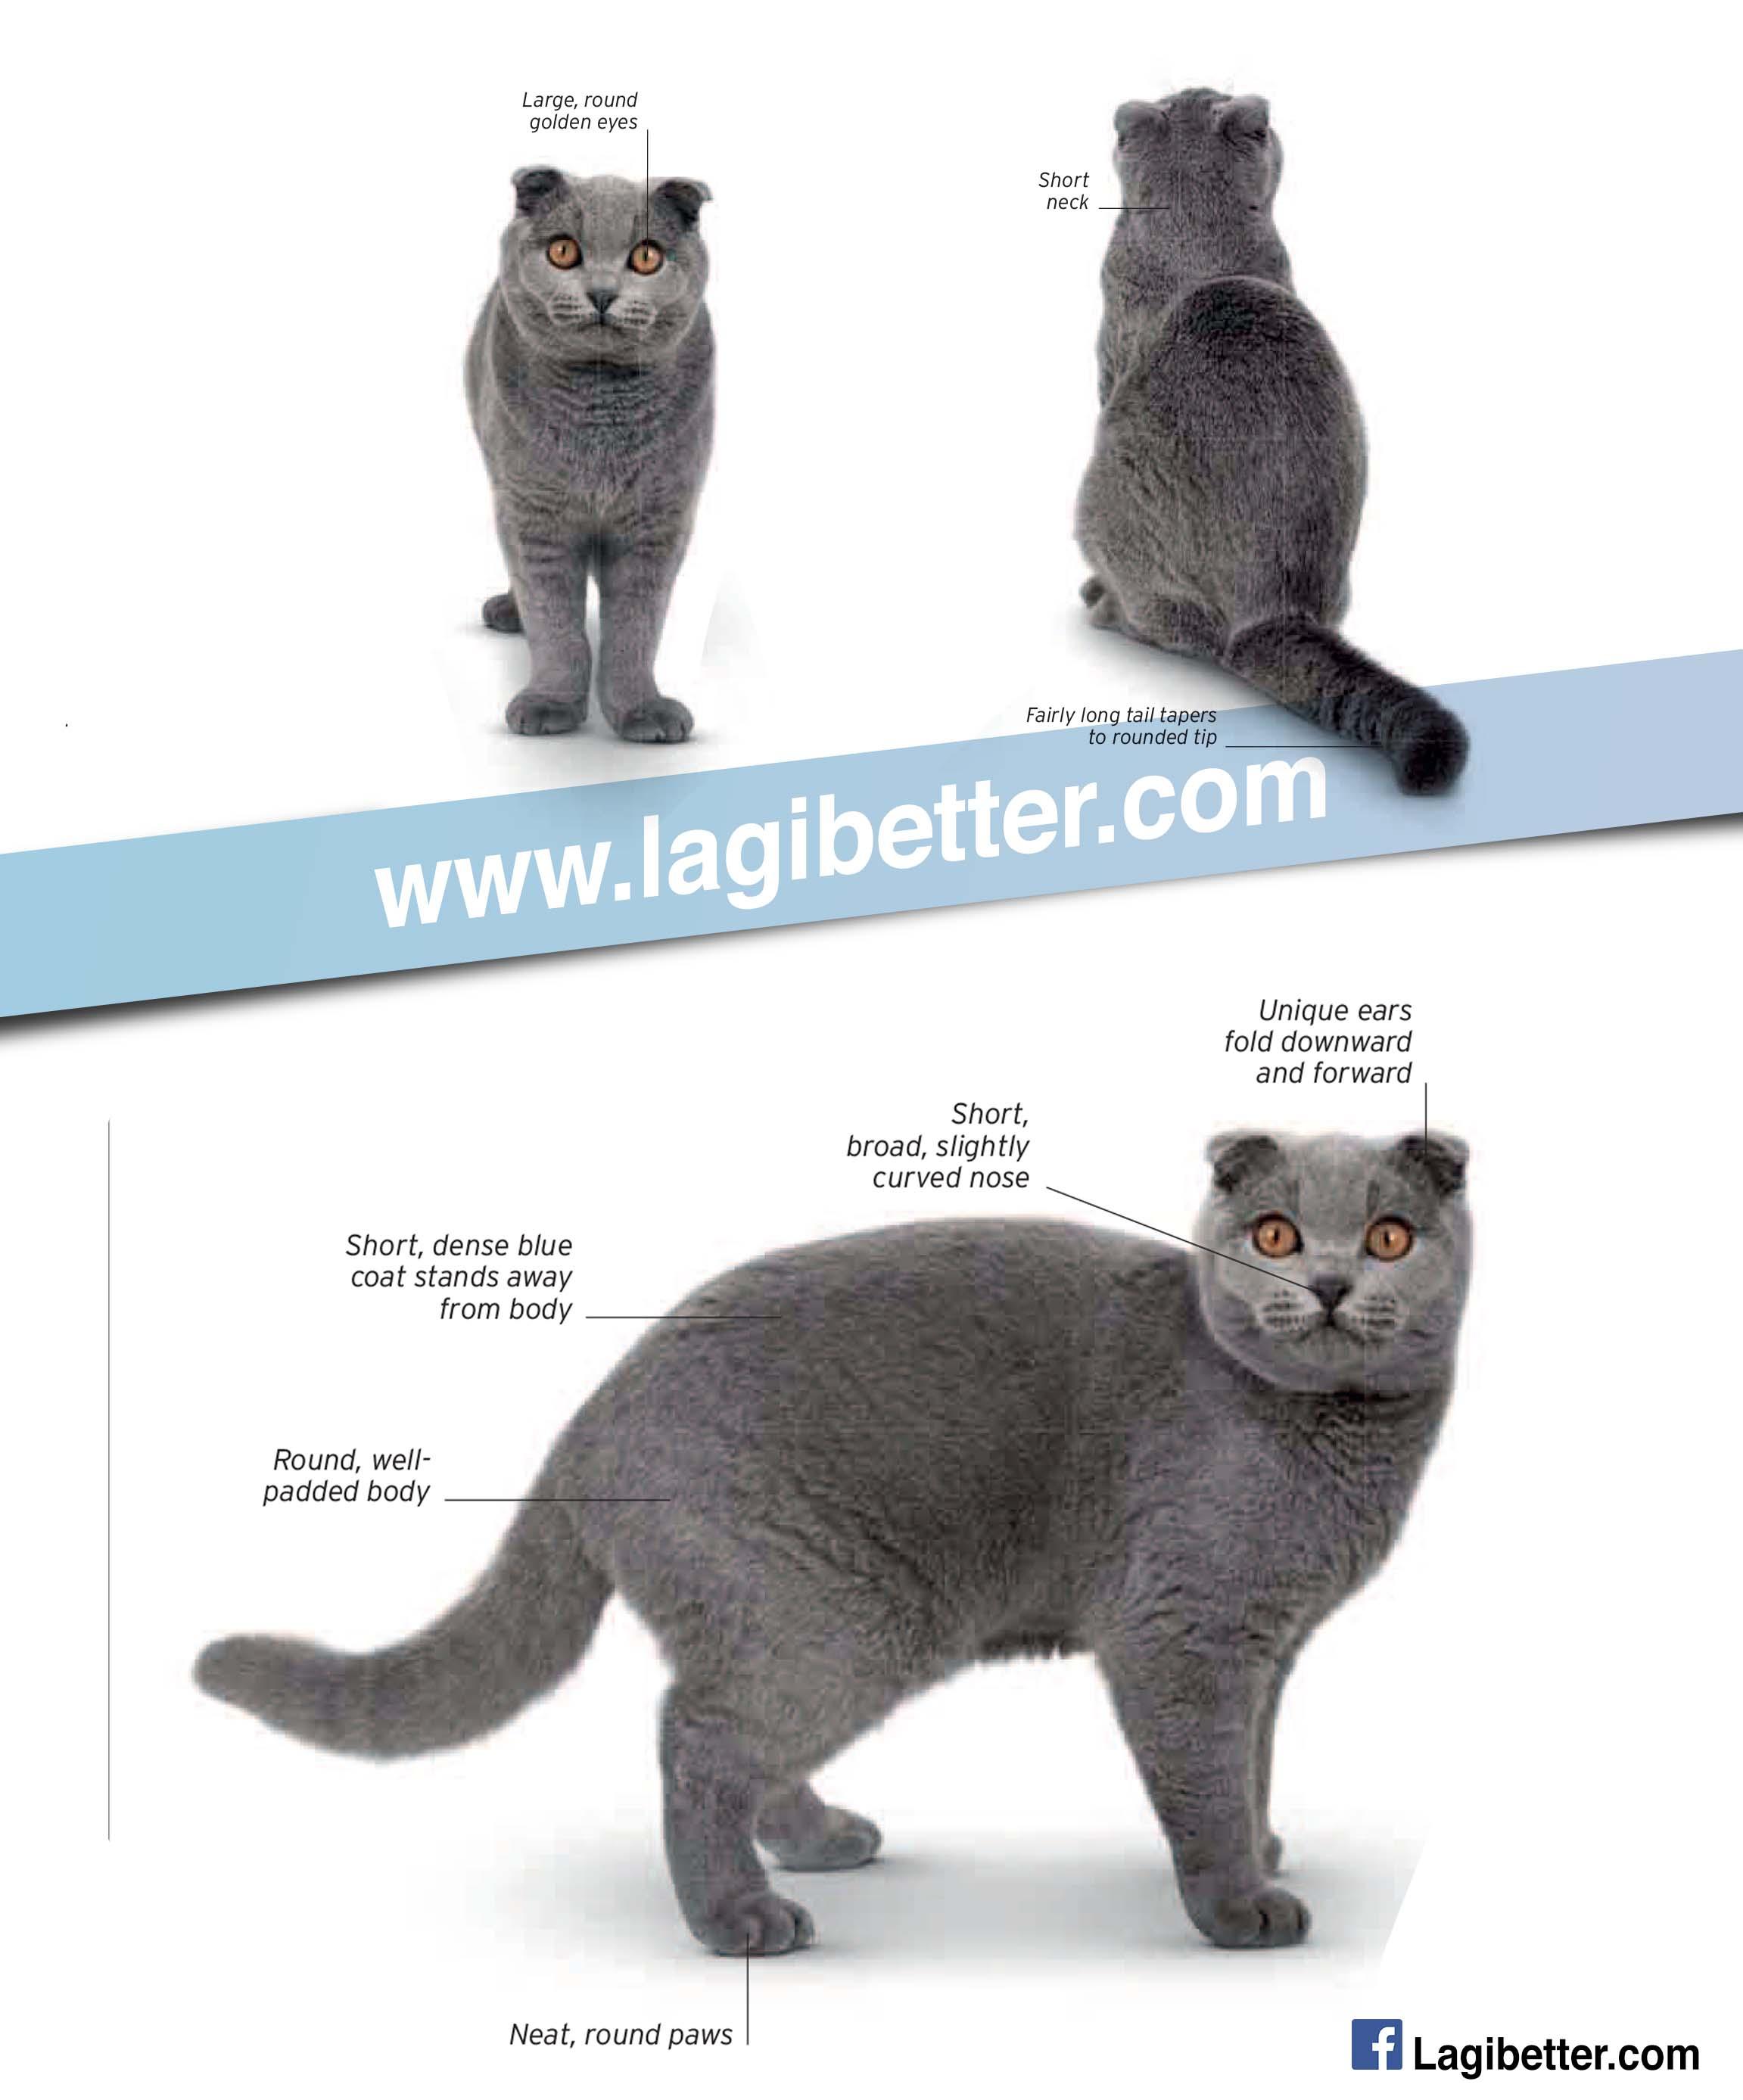 83 Baka Kucing Short Hair Yang Boleh Menjadikan Anda Kaya Lagibetter